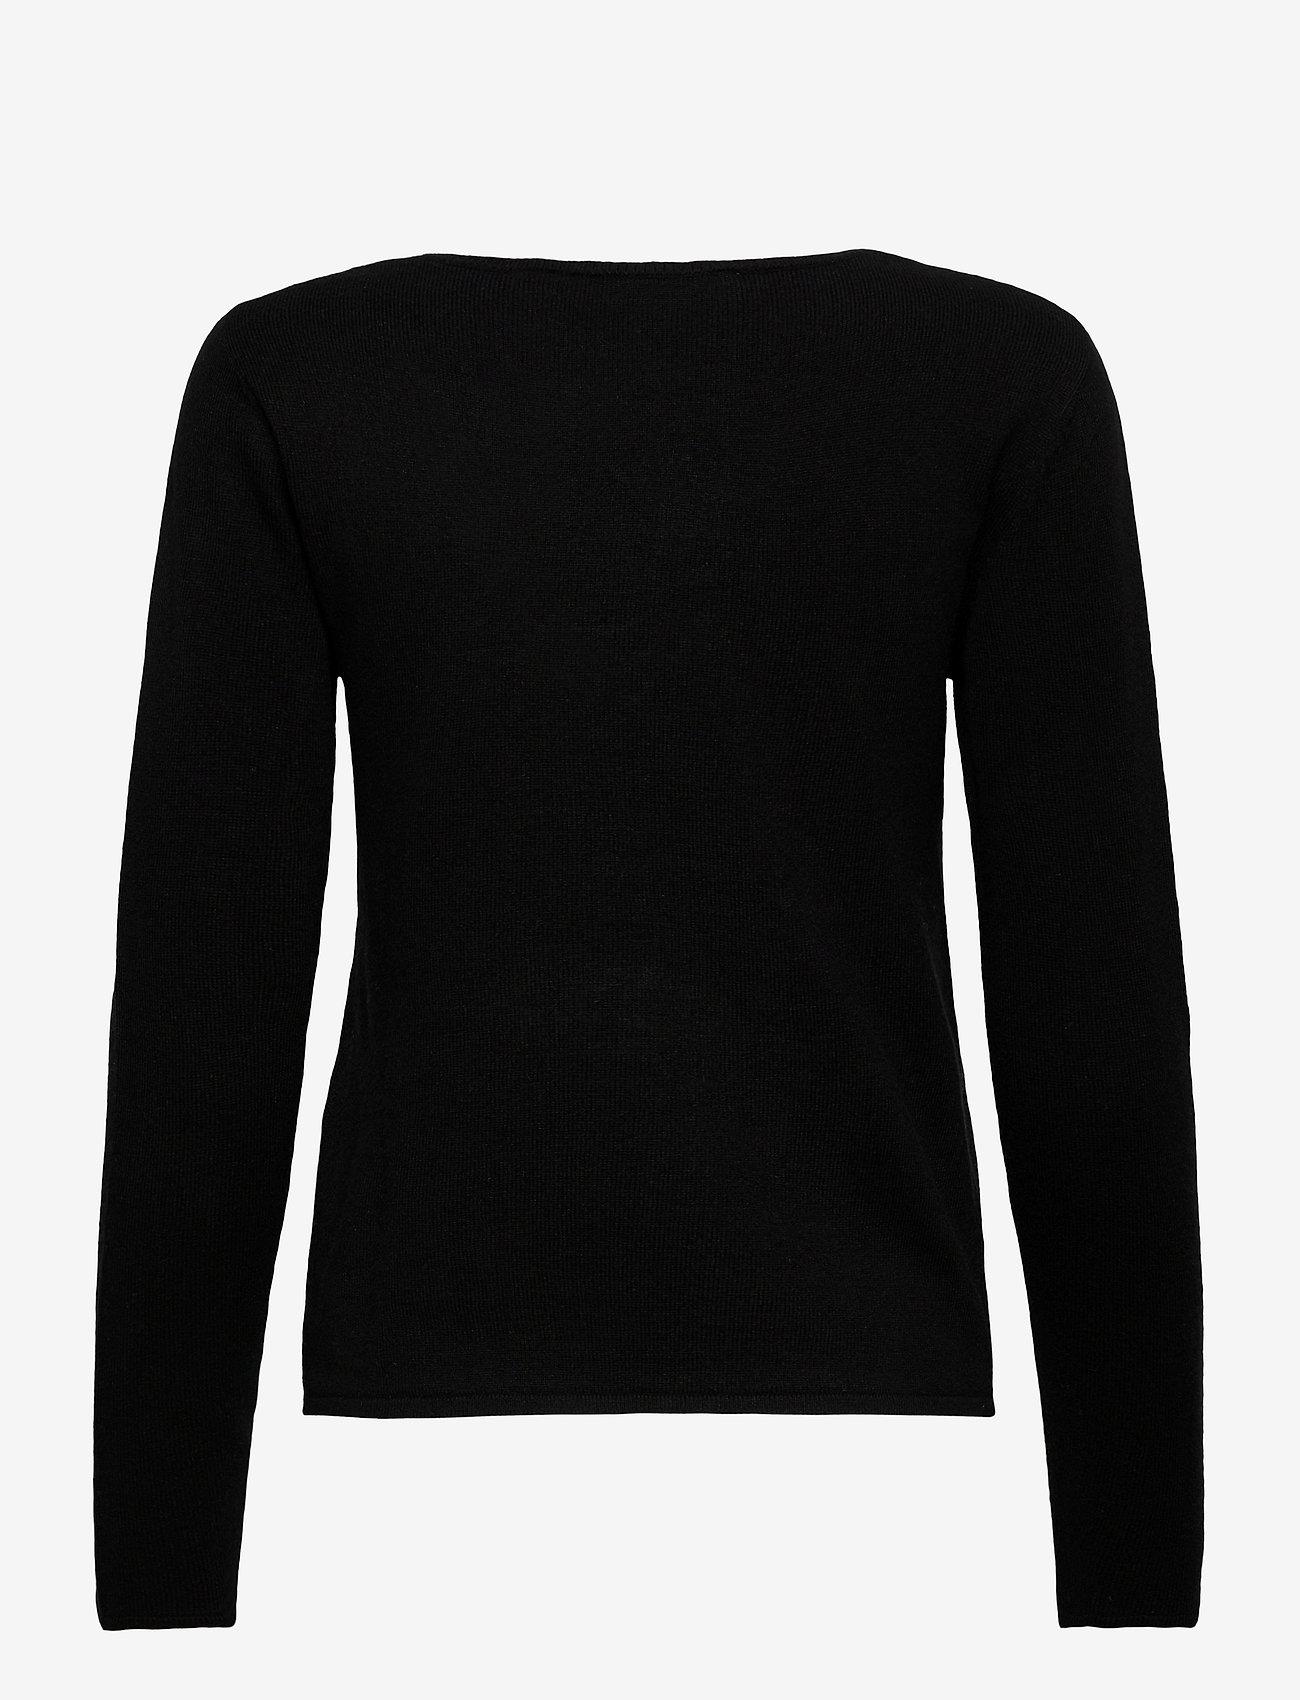 Rosemunde - Pullover ls - tröjor - black - 1